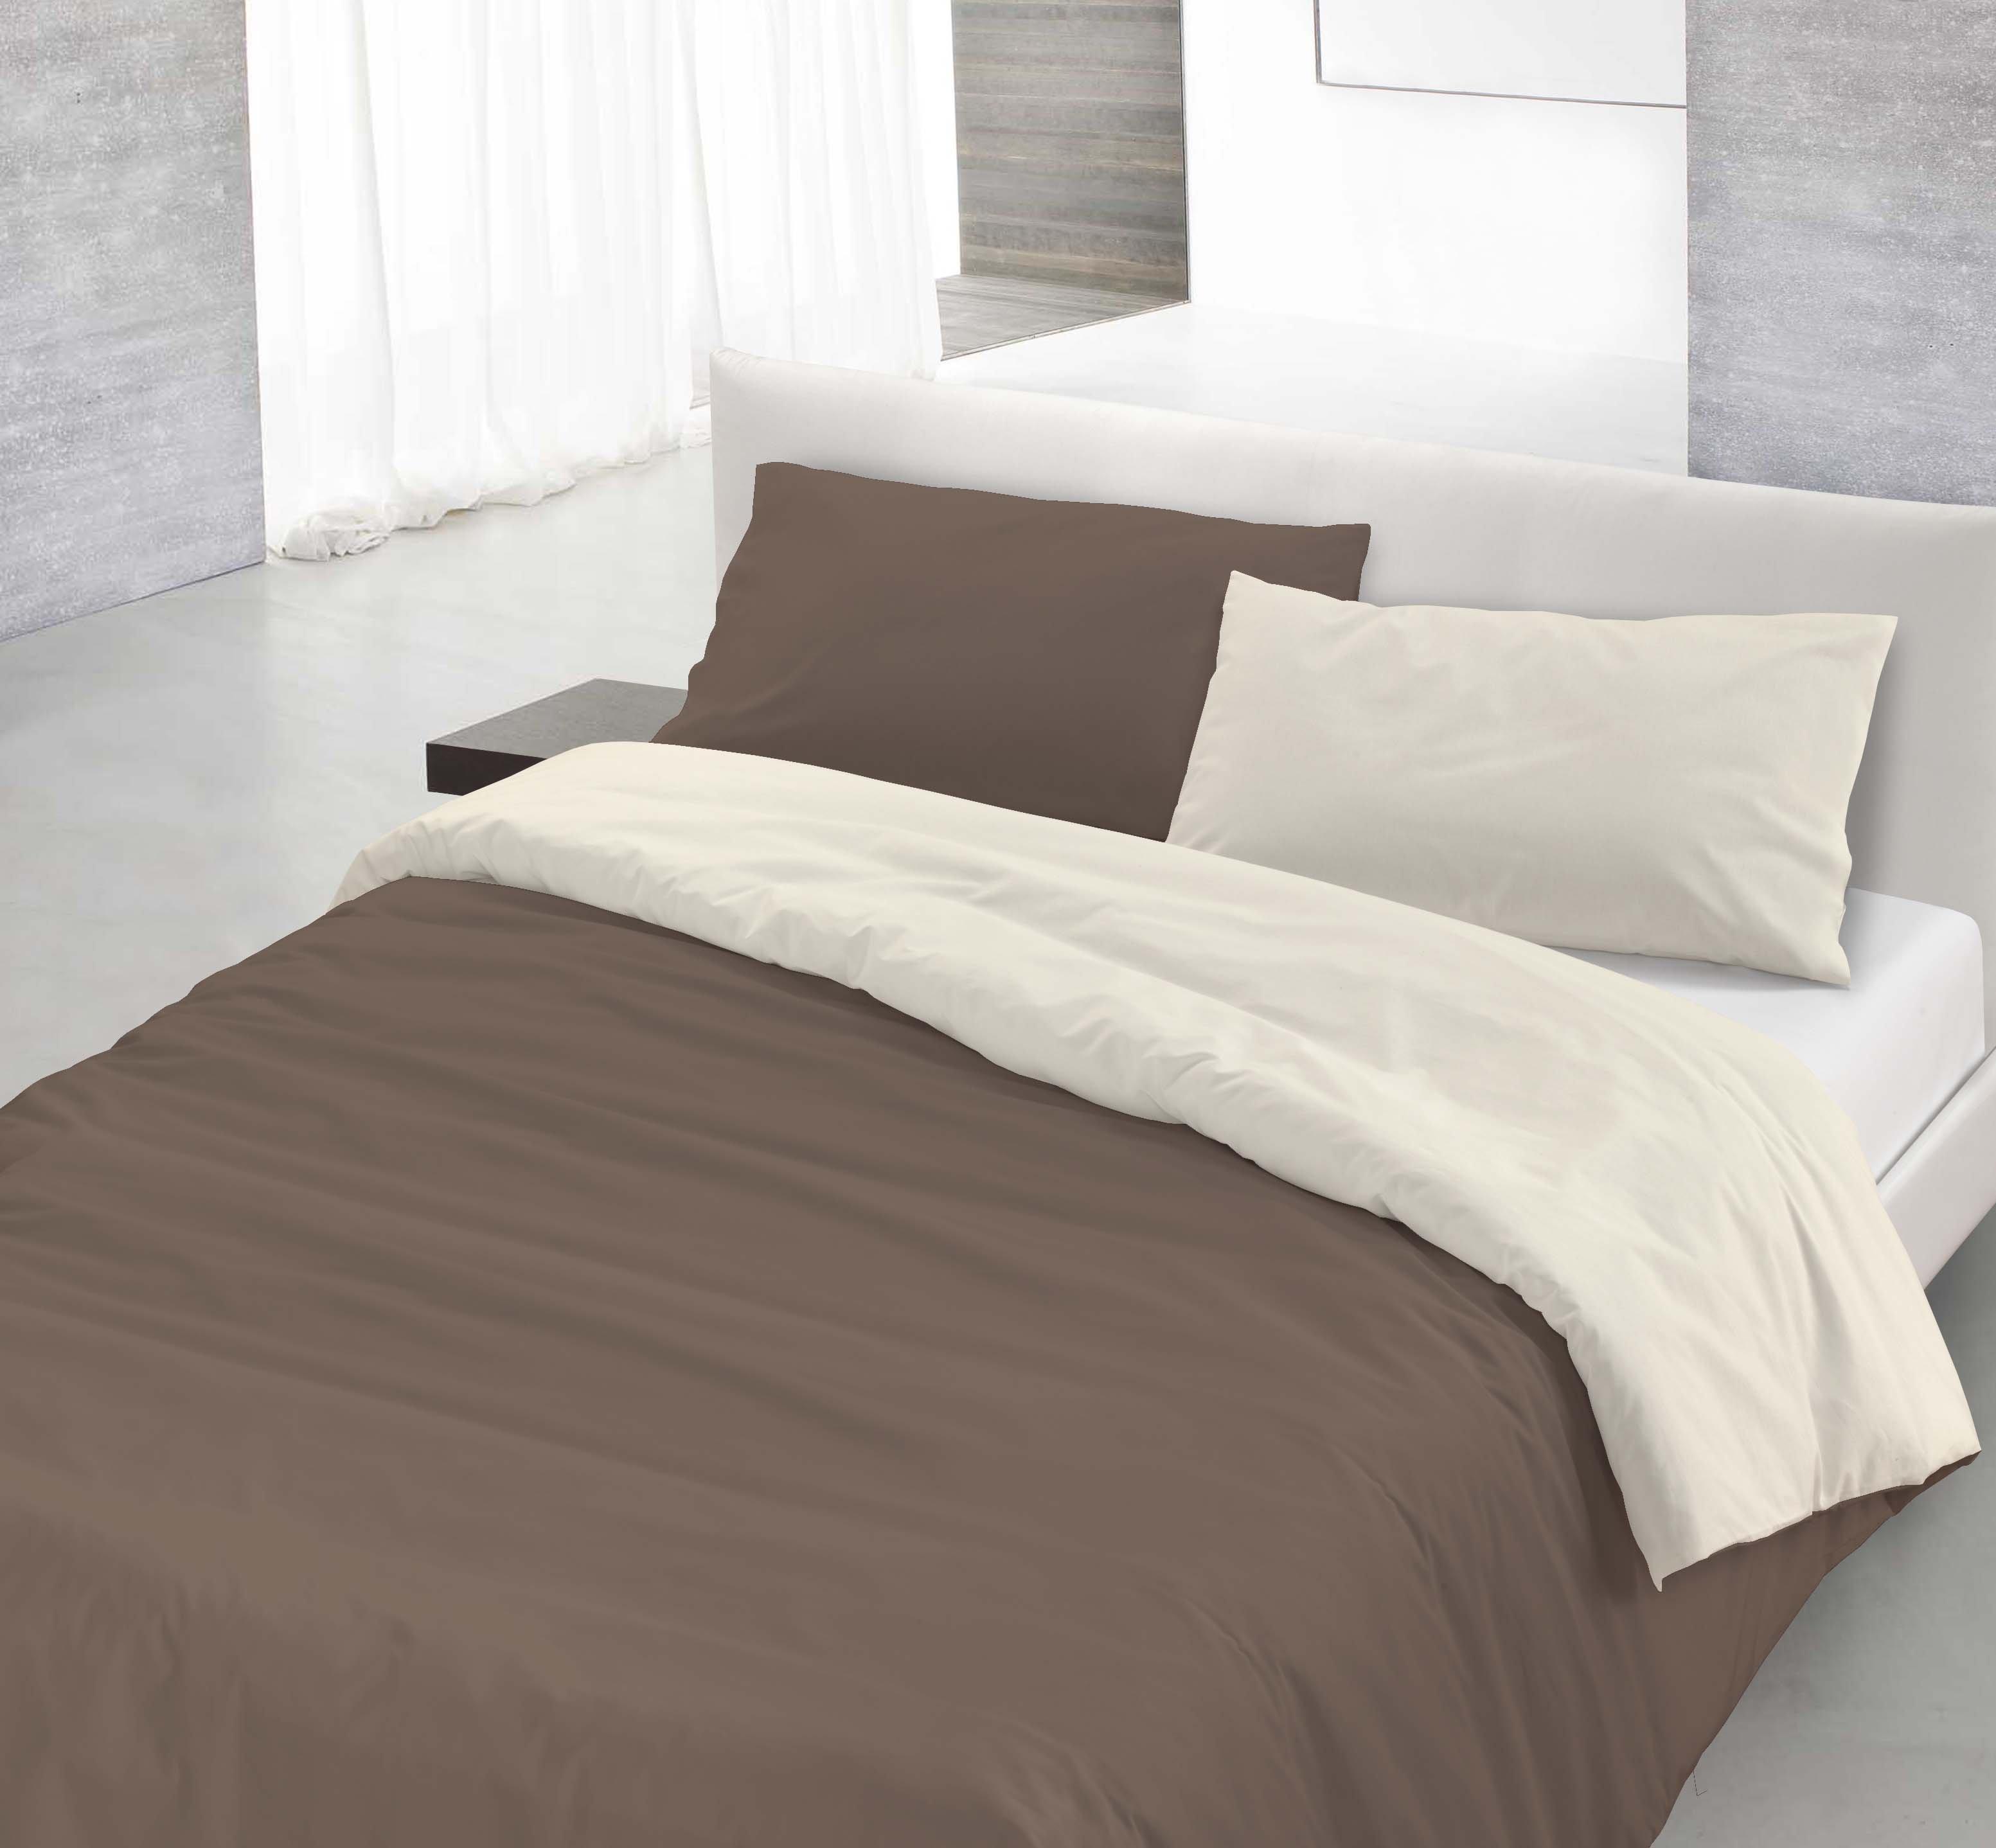 Parure copri piumino natural color marrone panna sogni a colori acquista su ventis - Piumino letto leggero ...